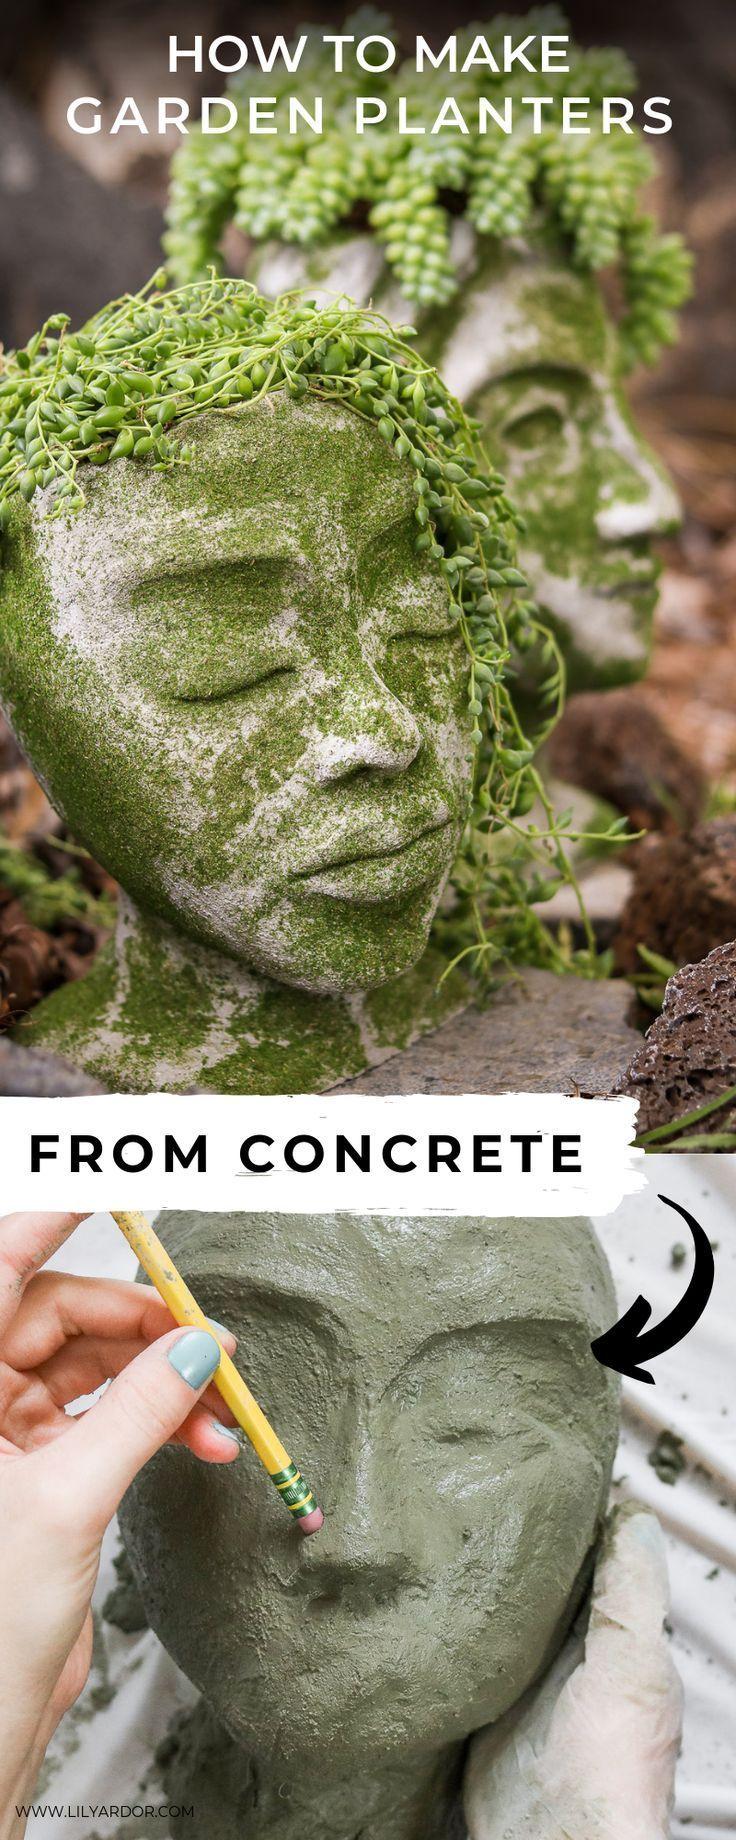 DIY HEAD PLANTER USING CONCRETE + GARDEN DIYS